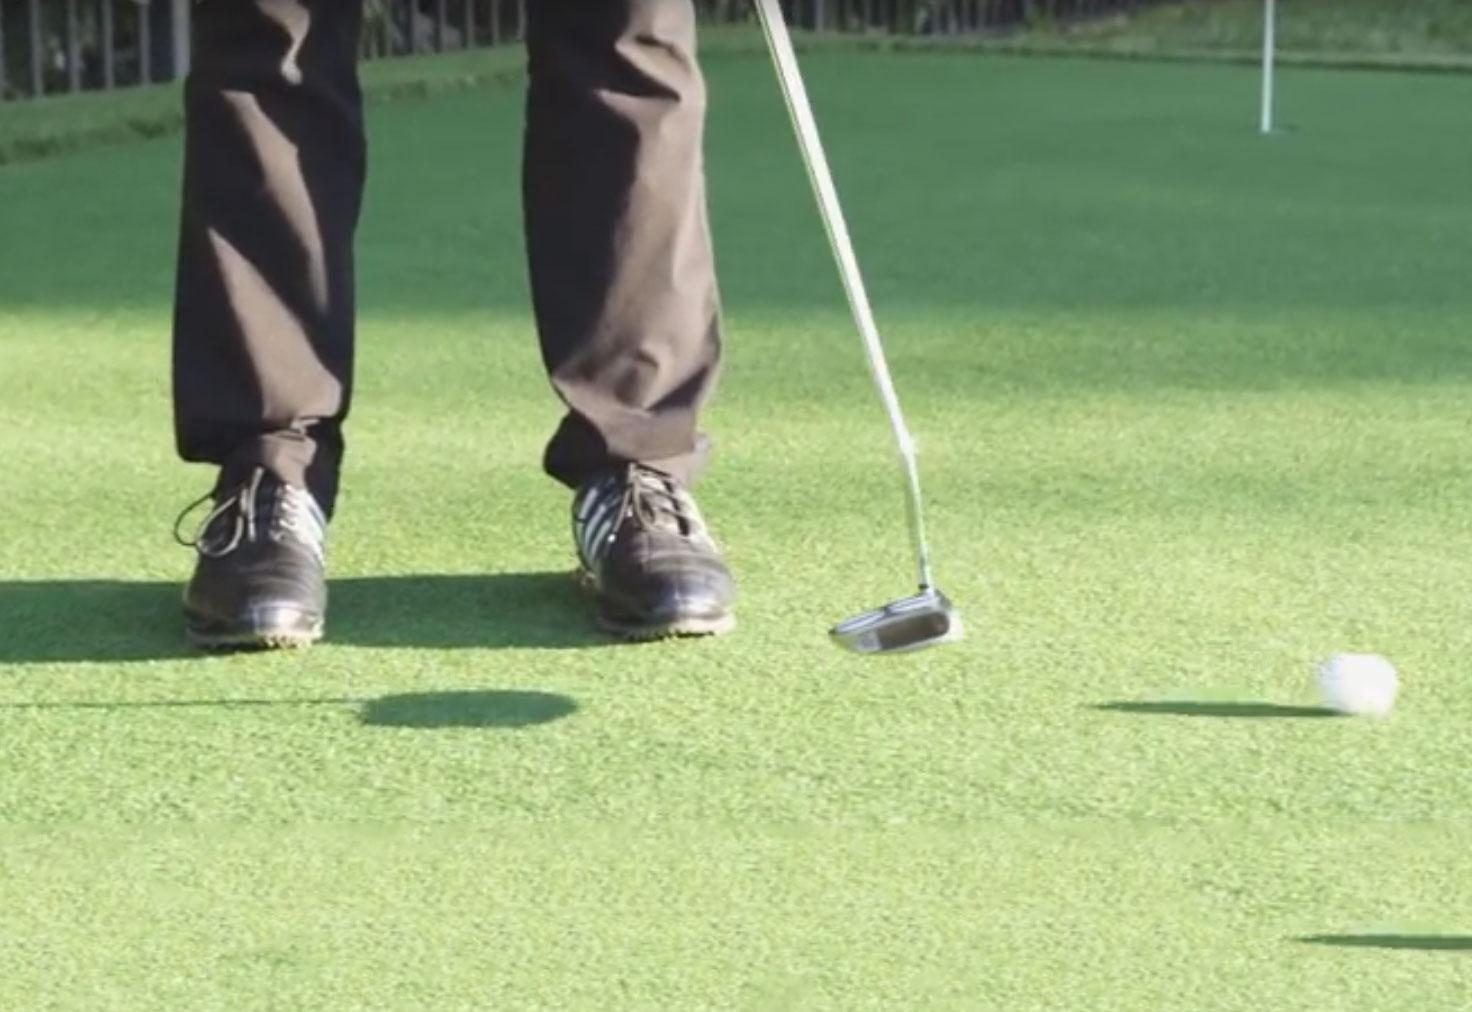 putting greens golfer ball